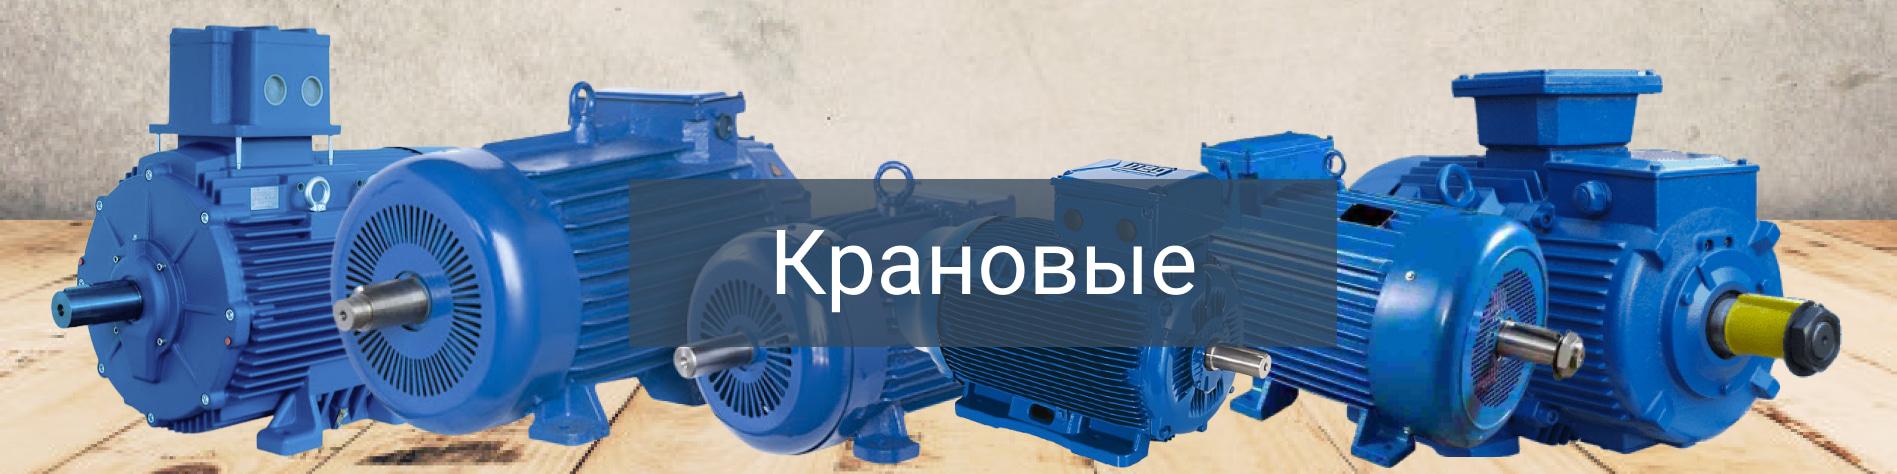 Крановые электродвигатели 22 кВт